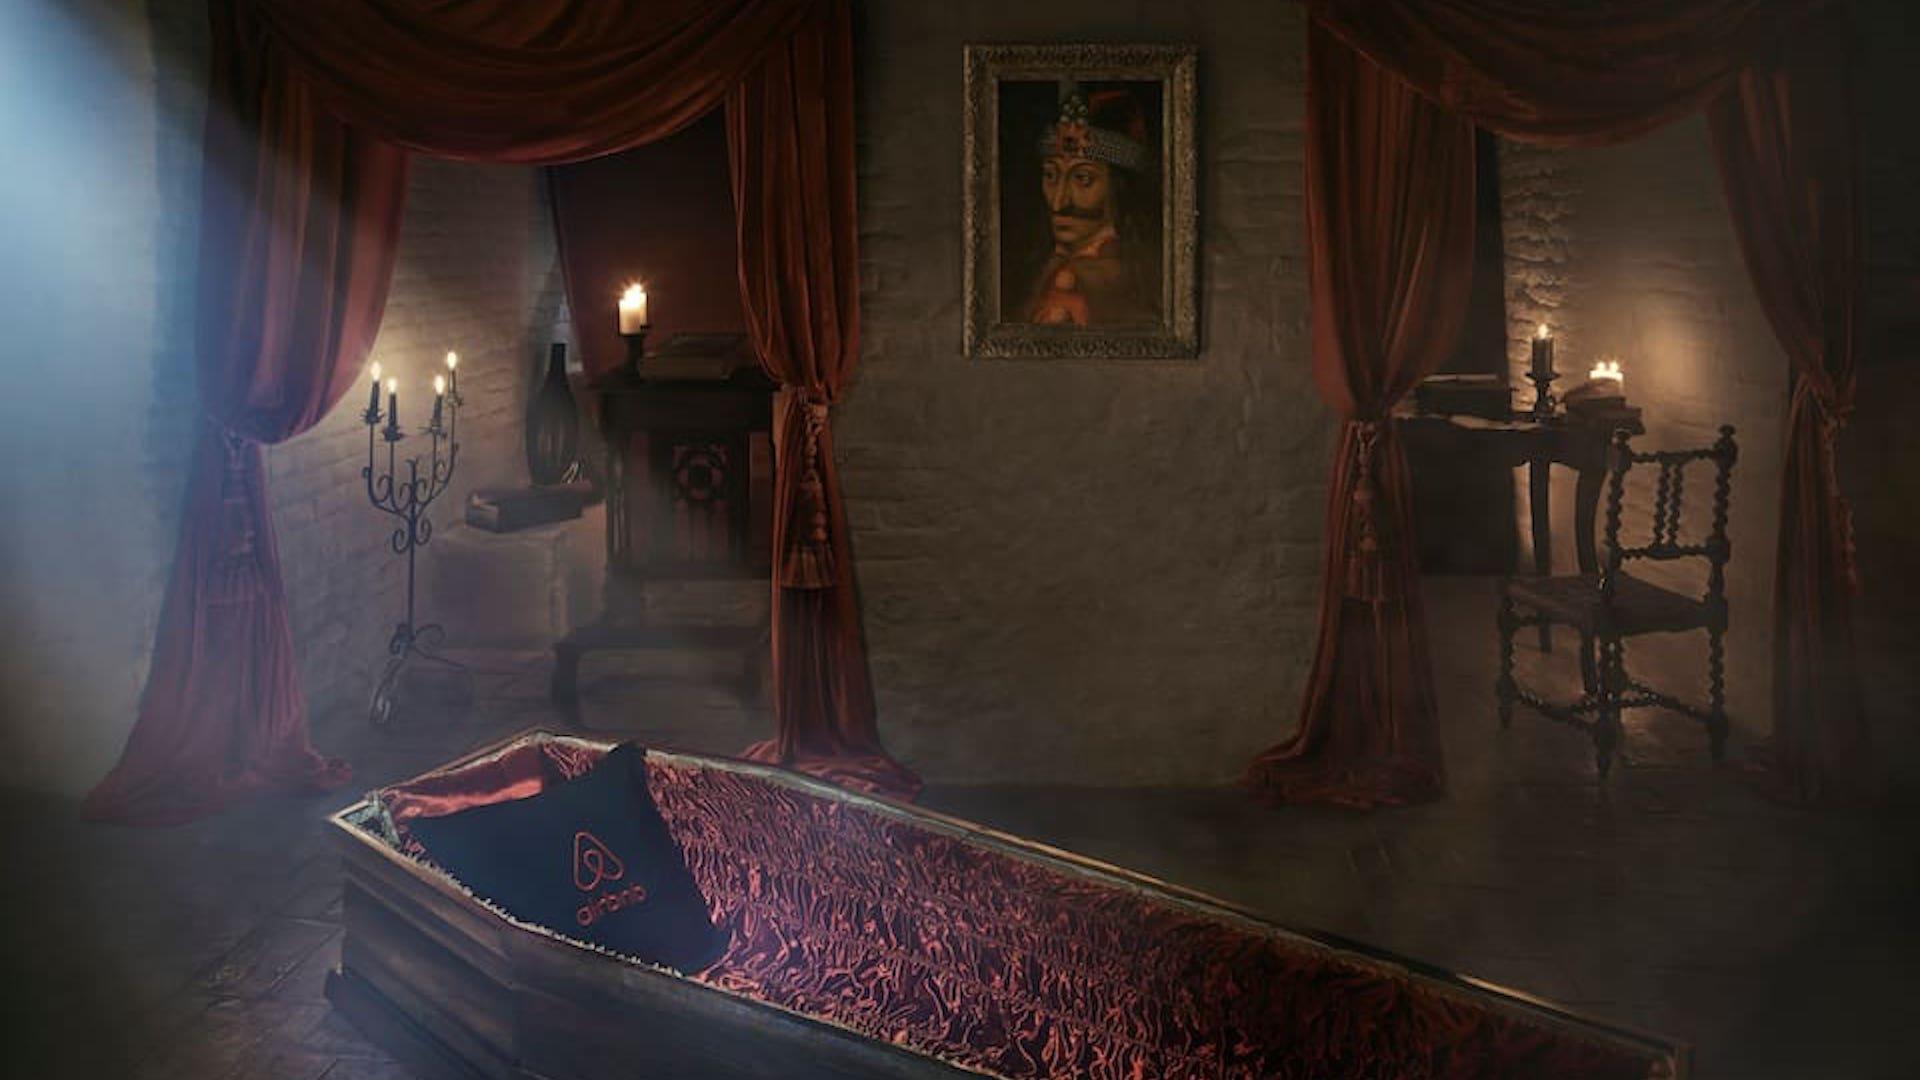 Concurso para ganarse una noche en el Castillo de Drácula